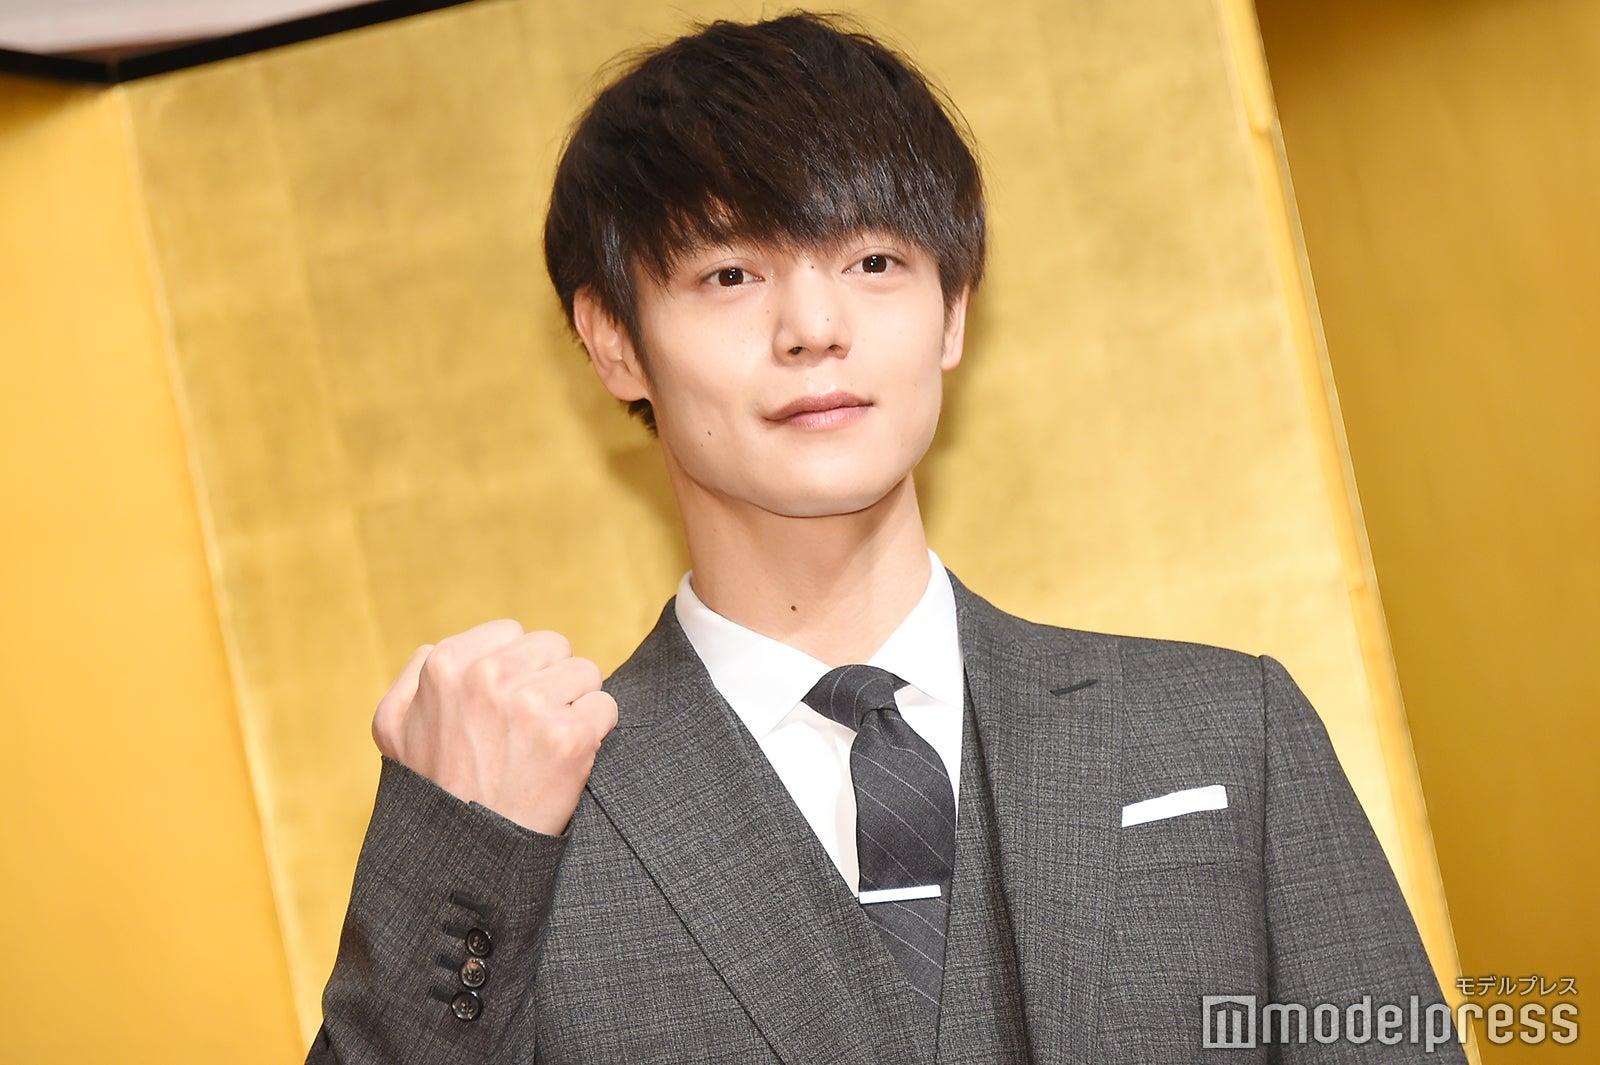 【朝ドラ】窪田正孝主演「エール」、ヒロインオーディションは3月から NHK「この2人の夫婦が面白そう、見てみたいという方を」